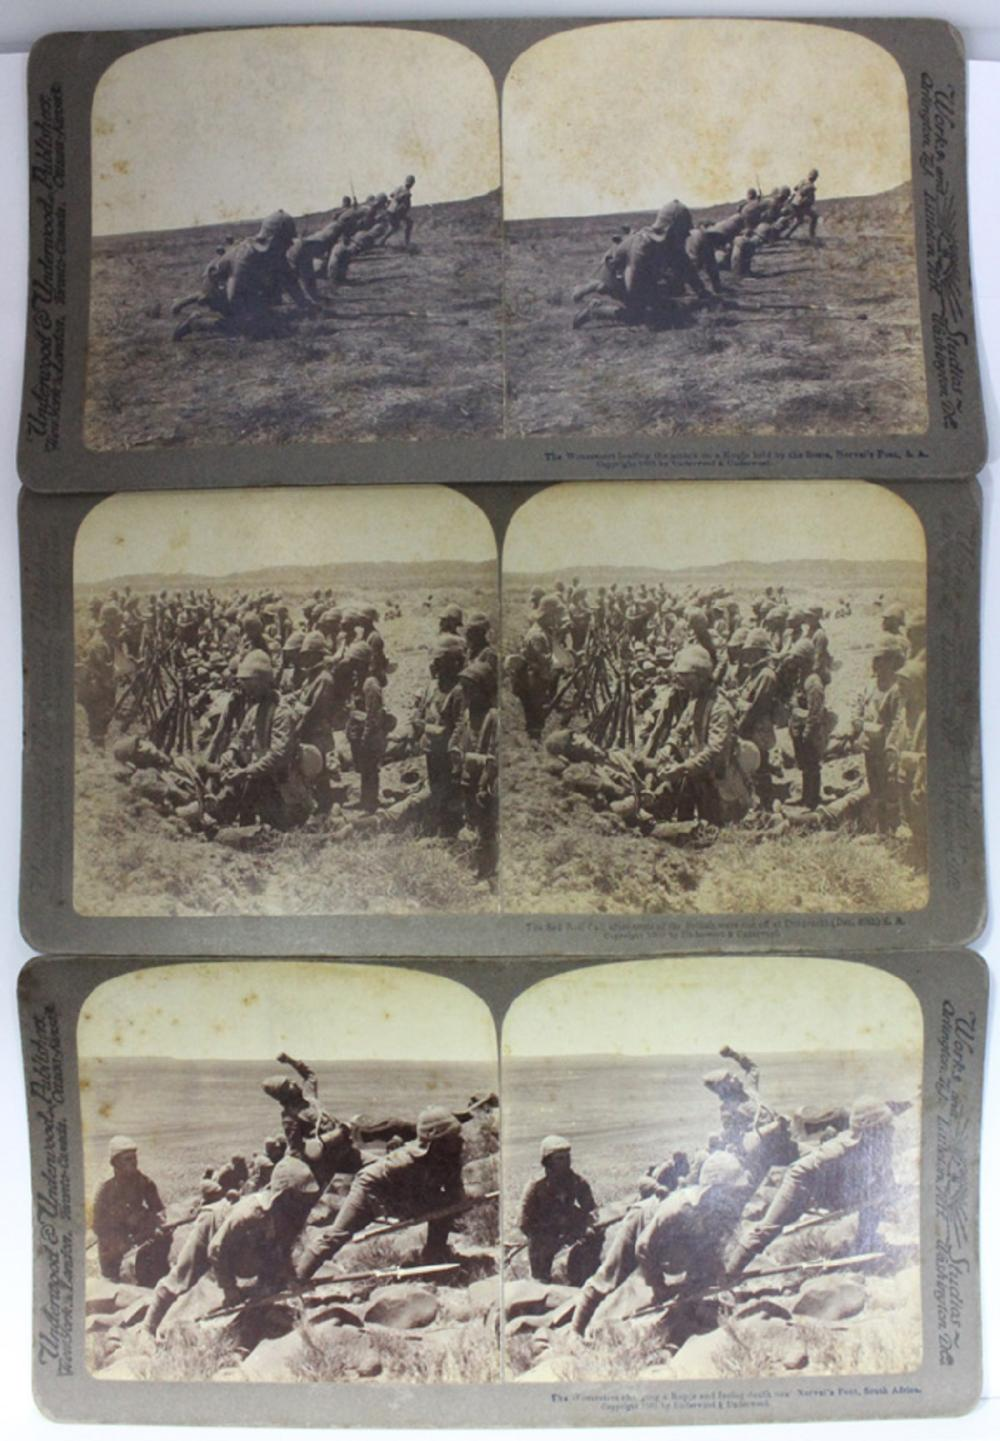 Stereo Cards Boer War - Dordrecht (1 ), Kopje, Norval's Pont (2 ) (3 cards in total)